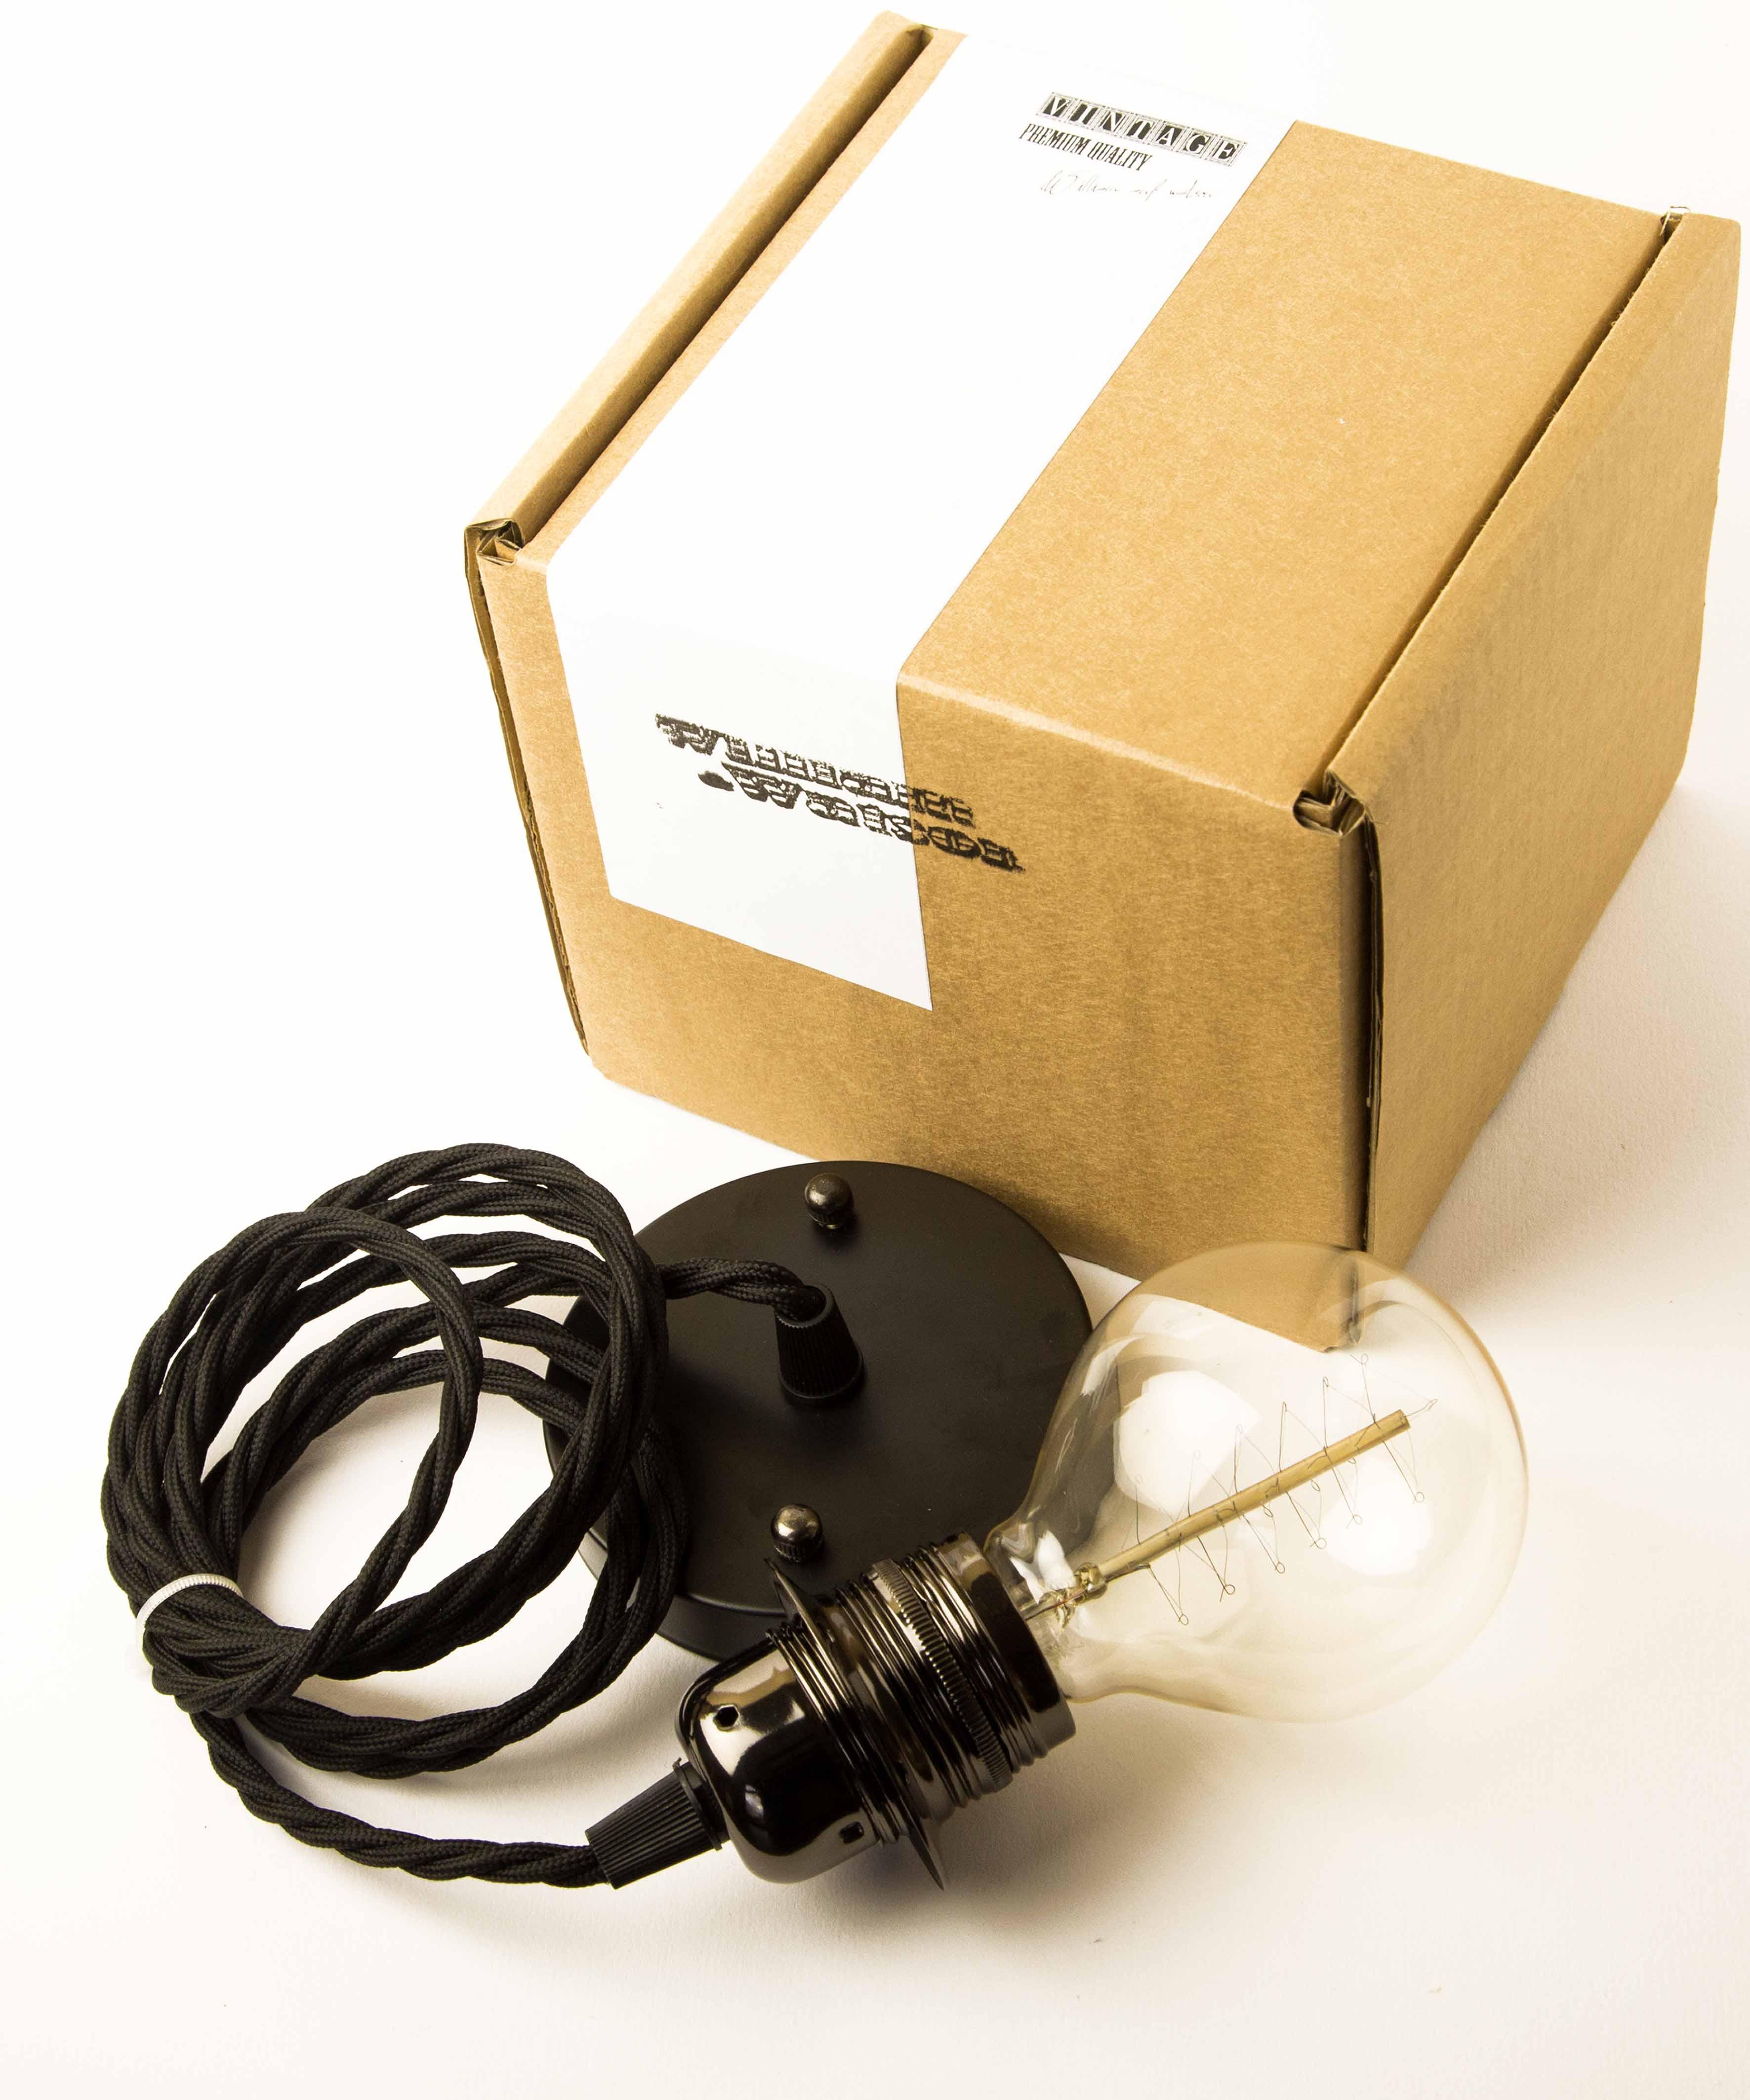 Teardrop st64 william and watson vintage edison bulb industrial light - Ceiling Rose Set Black With G80 Globe Medium Spiral William And Watson Industrial Vintage Bulbs